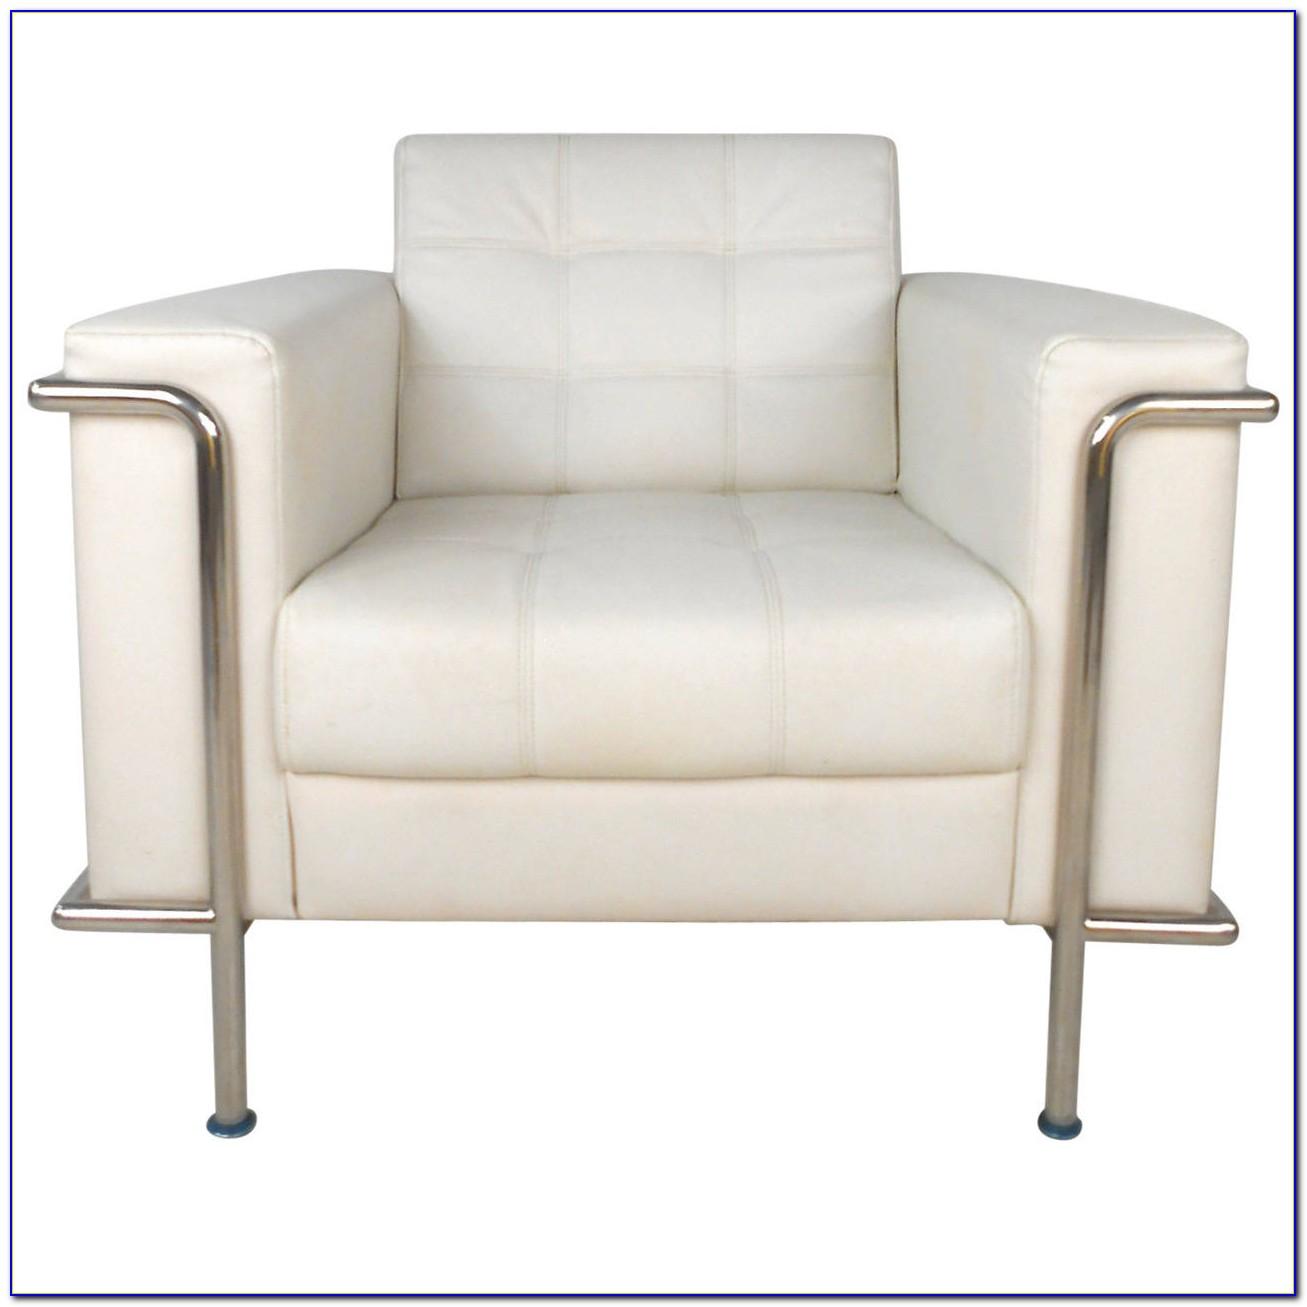 Le Corbusier Chair Lounge